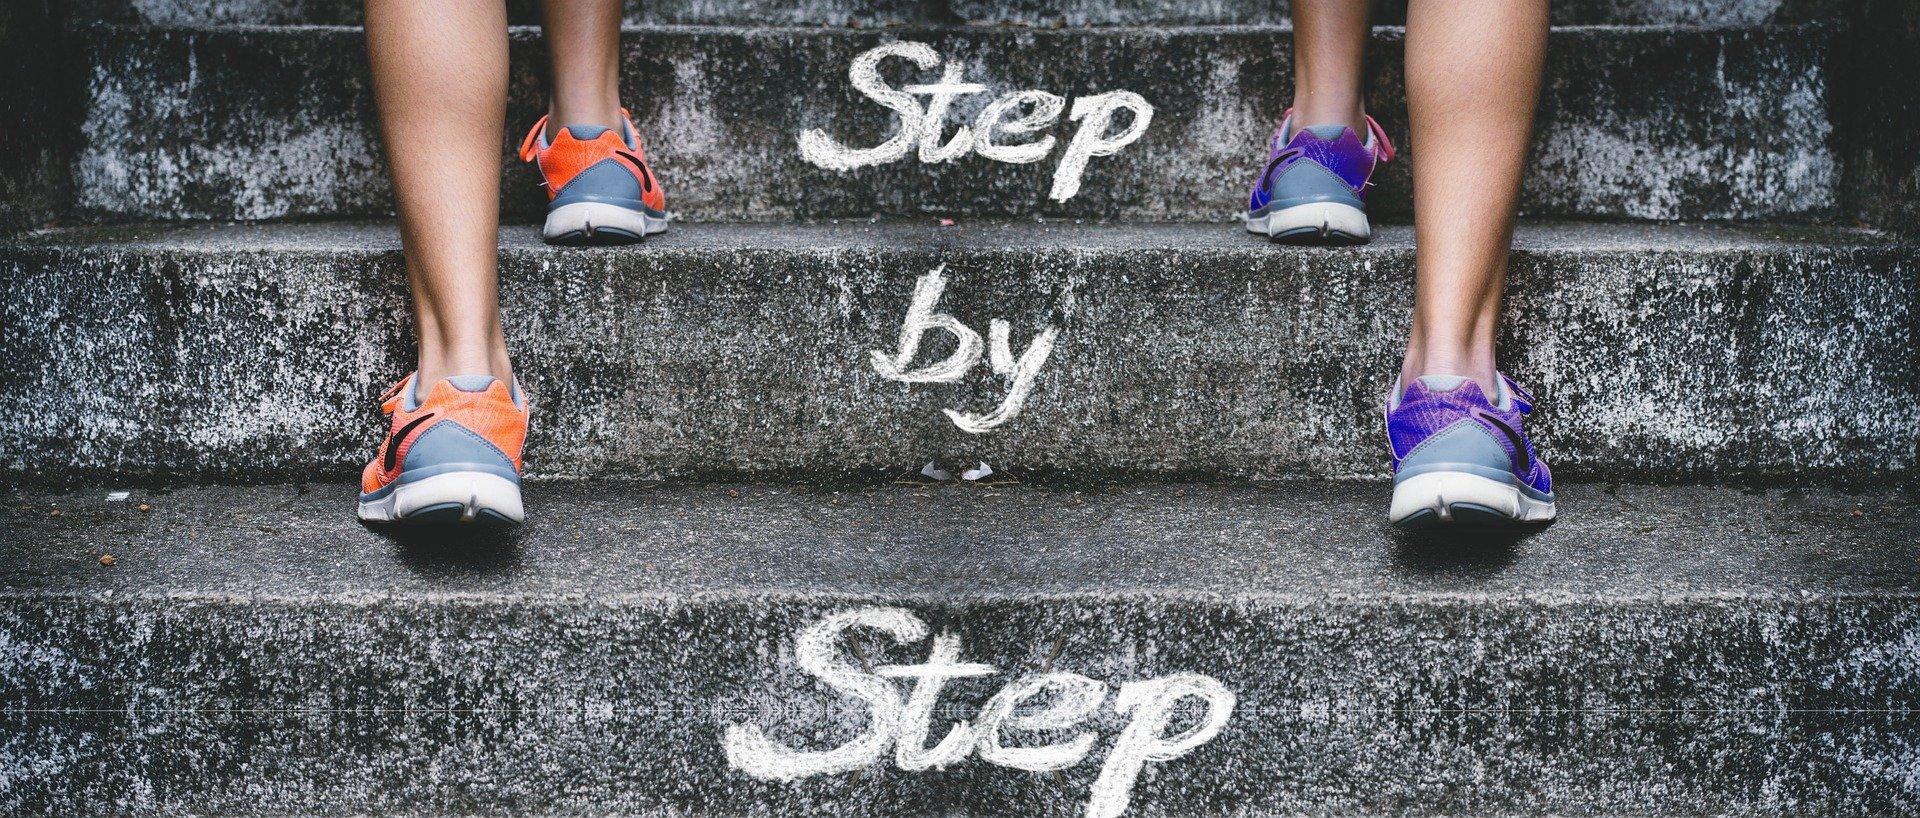 Treppt mit step by step Aufschrift